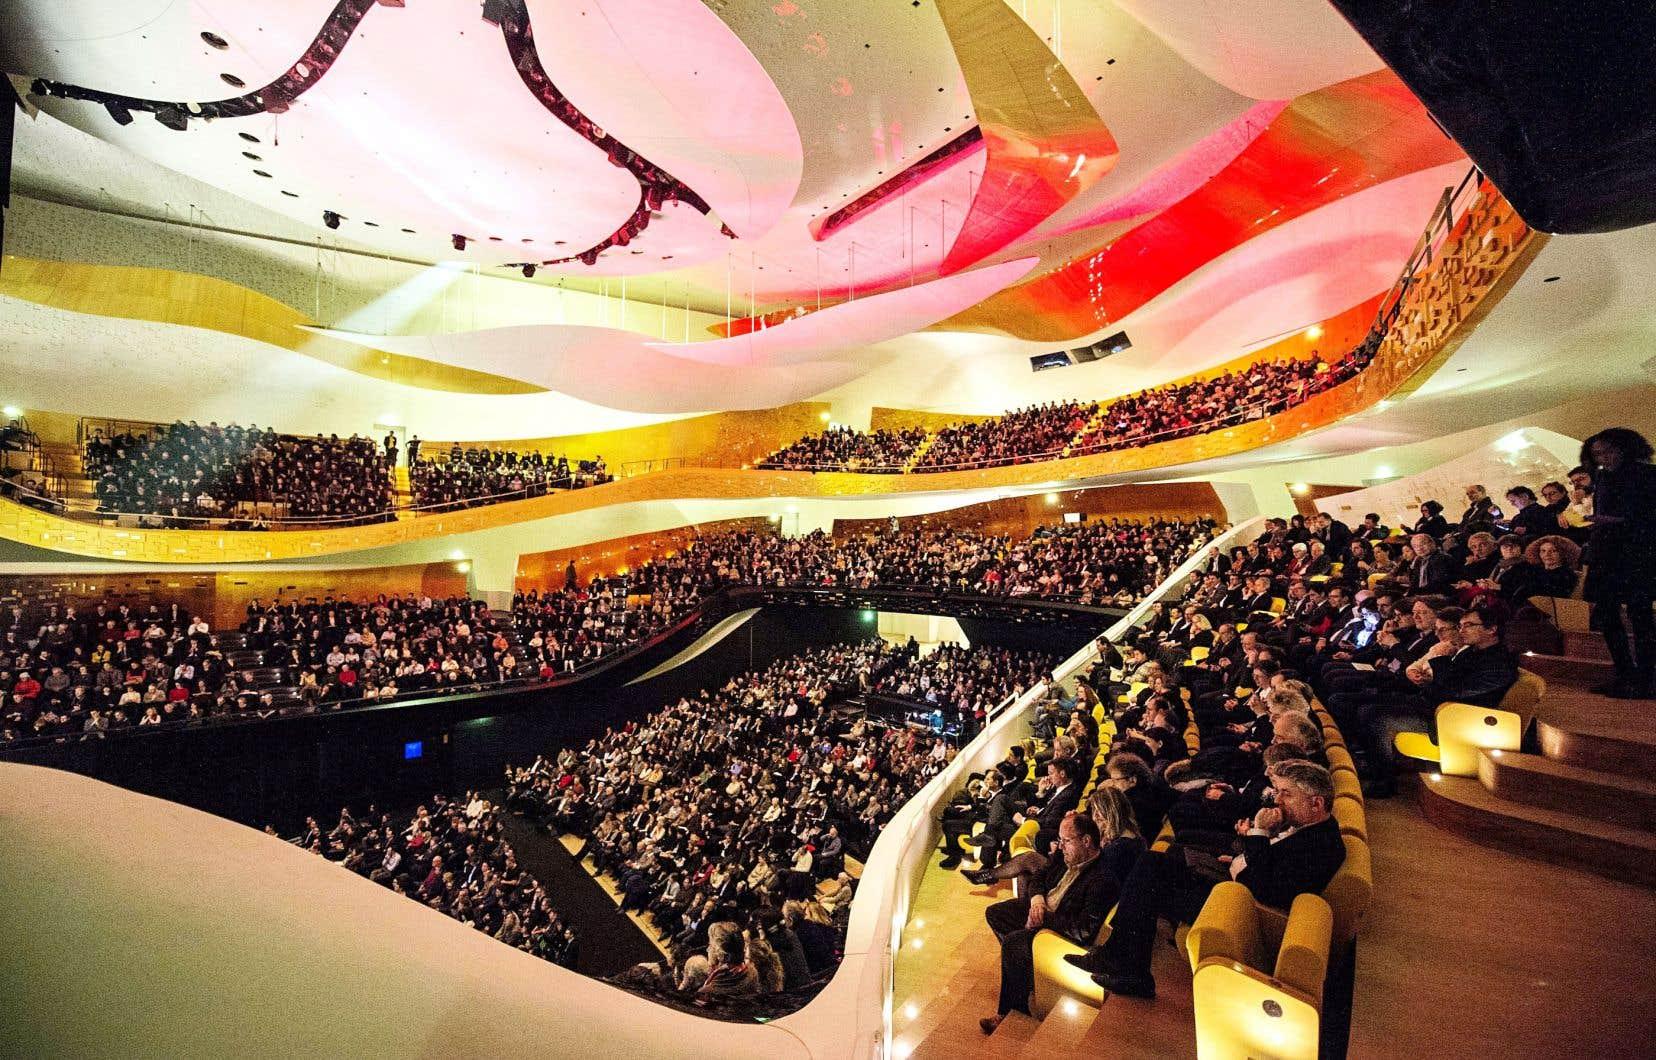 La Philharmonie de Paris s'inscrit dans un complexe, au nord de Paris, qui comprend le Conservatoire, le Musée de la musique et la Cité de la musique, salle de 1000 places construite par Christian de Portzamparc en 1995.